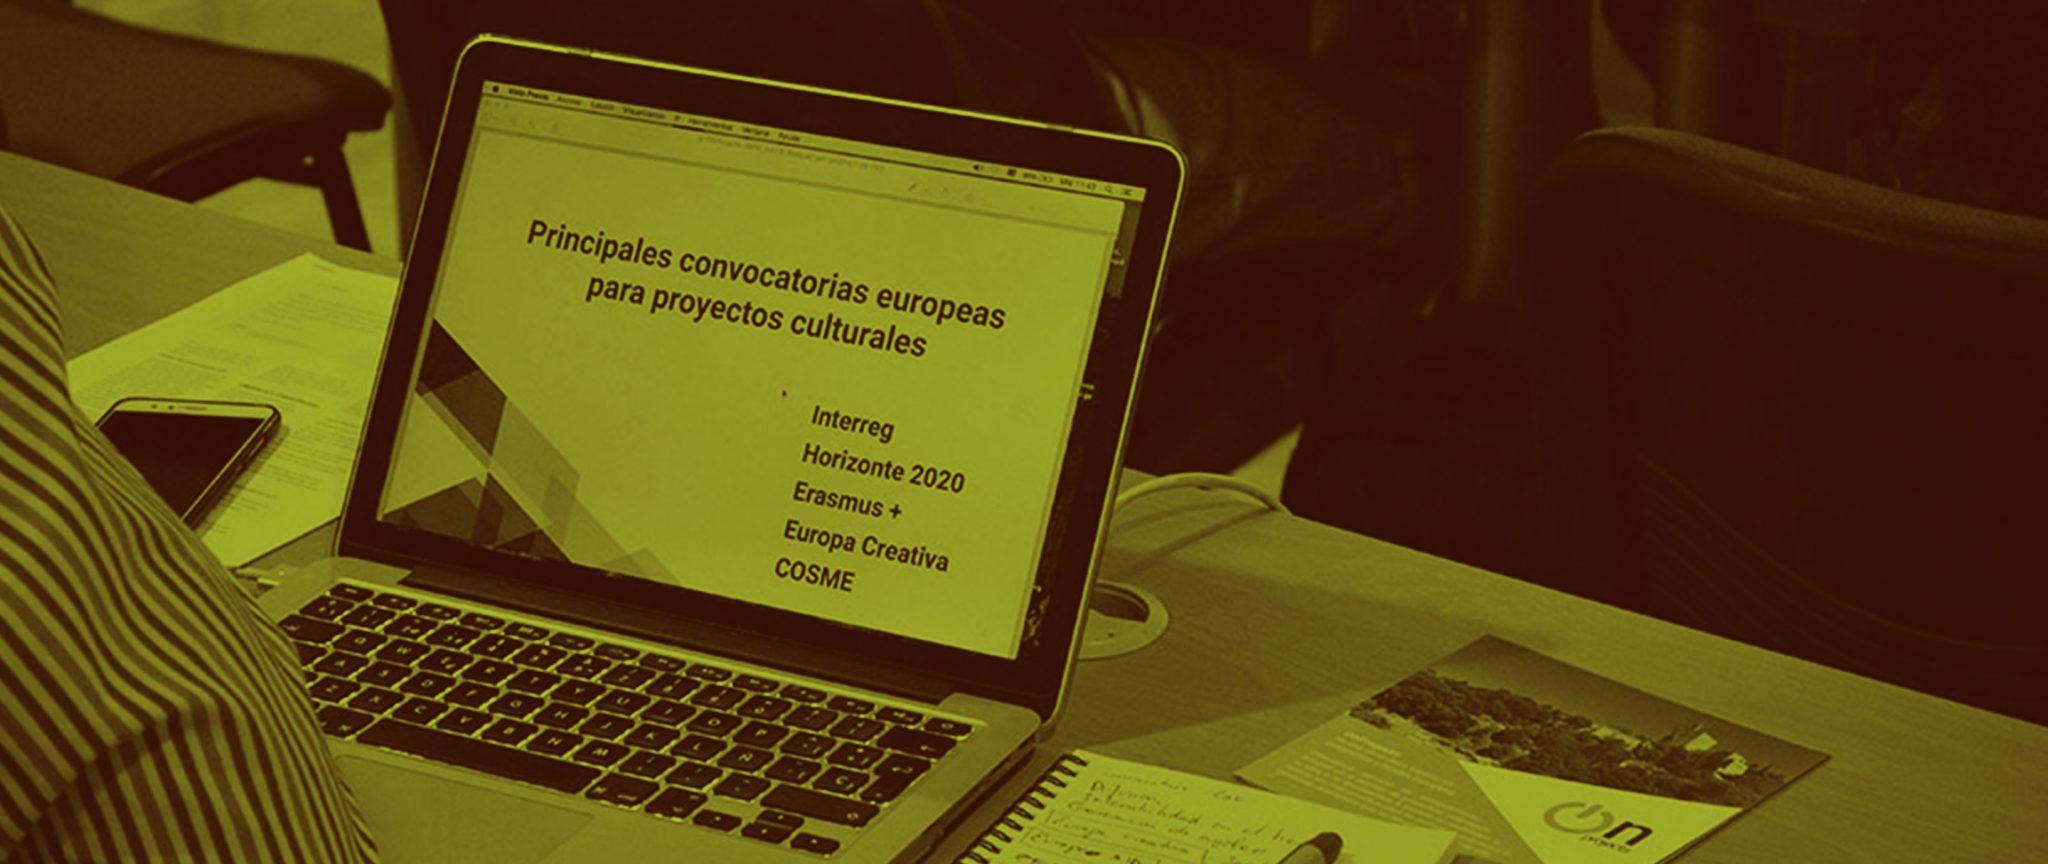 Taller de redacción de proyectos europeos en el ámbito de la cultura organizado